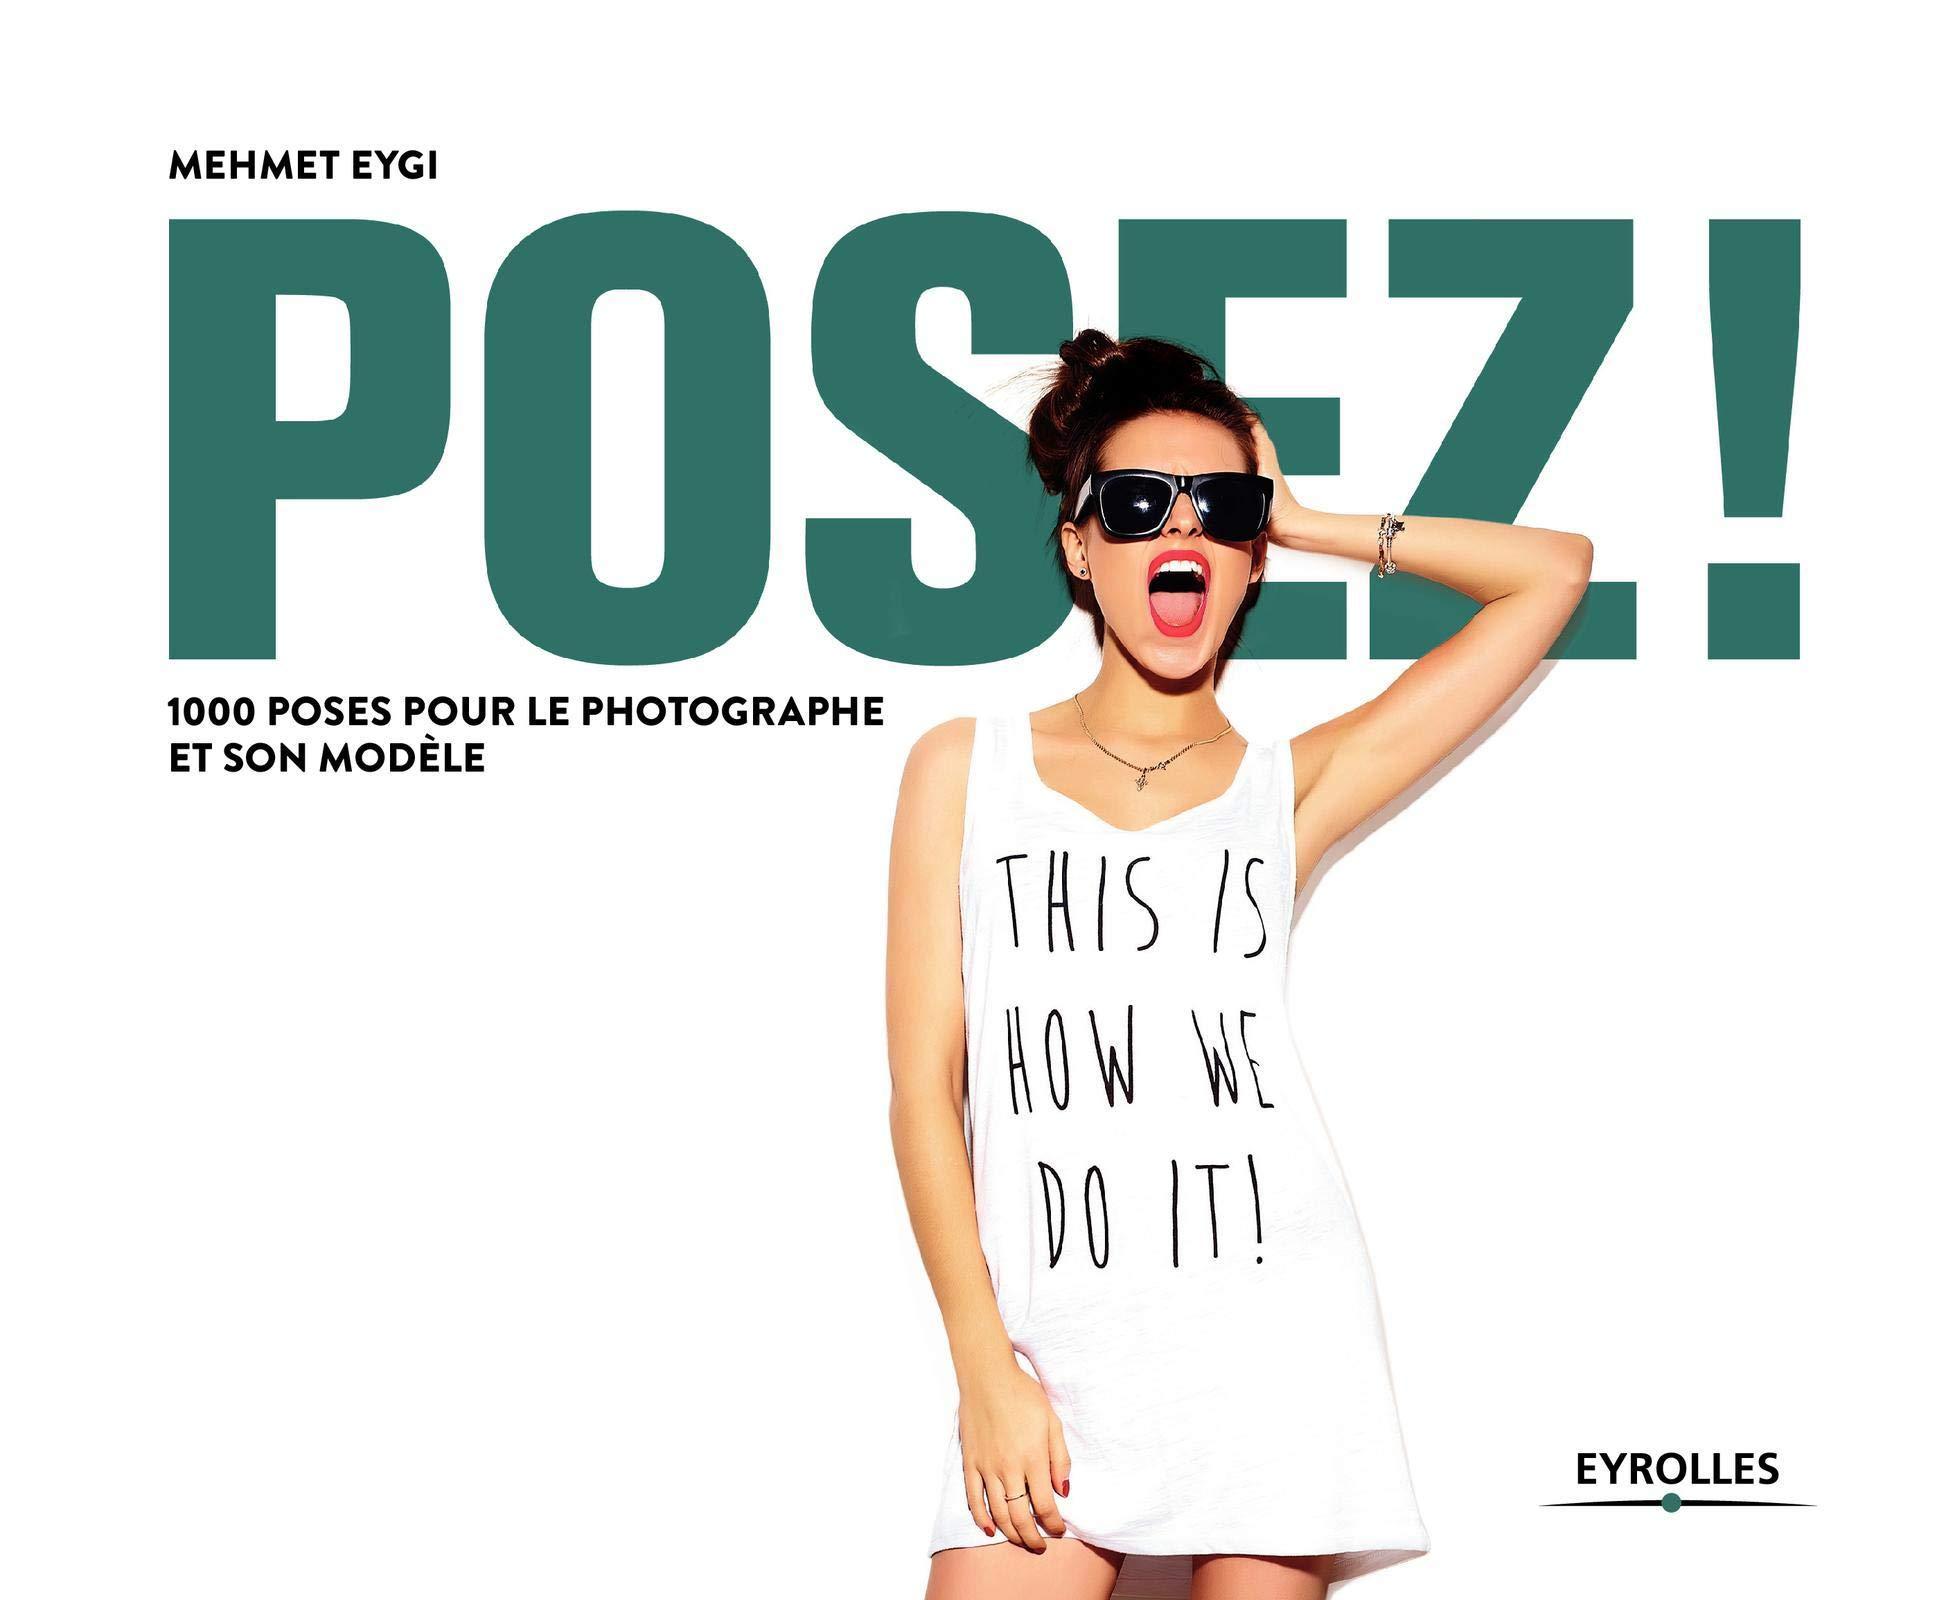 Le coin des petites annonces - Annonces - aacs-asso.fr